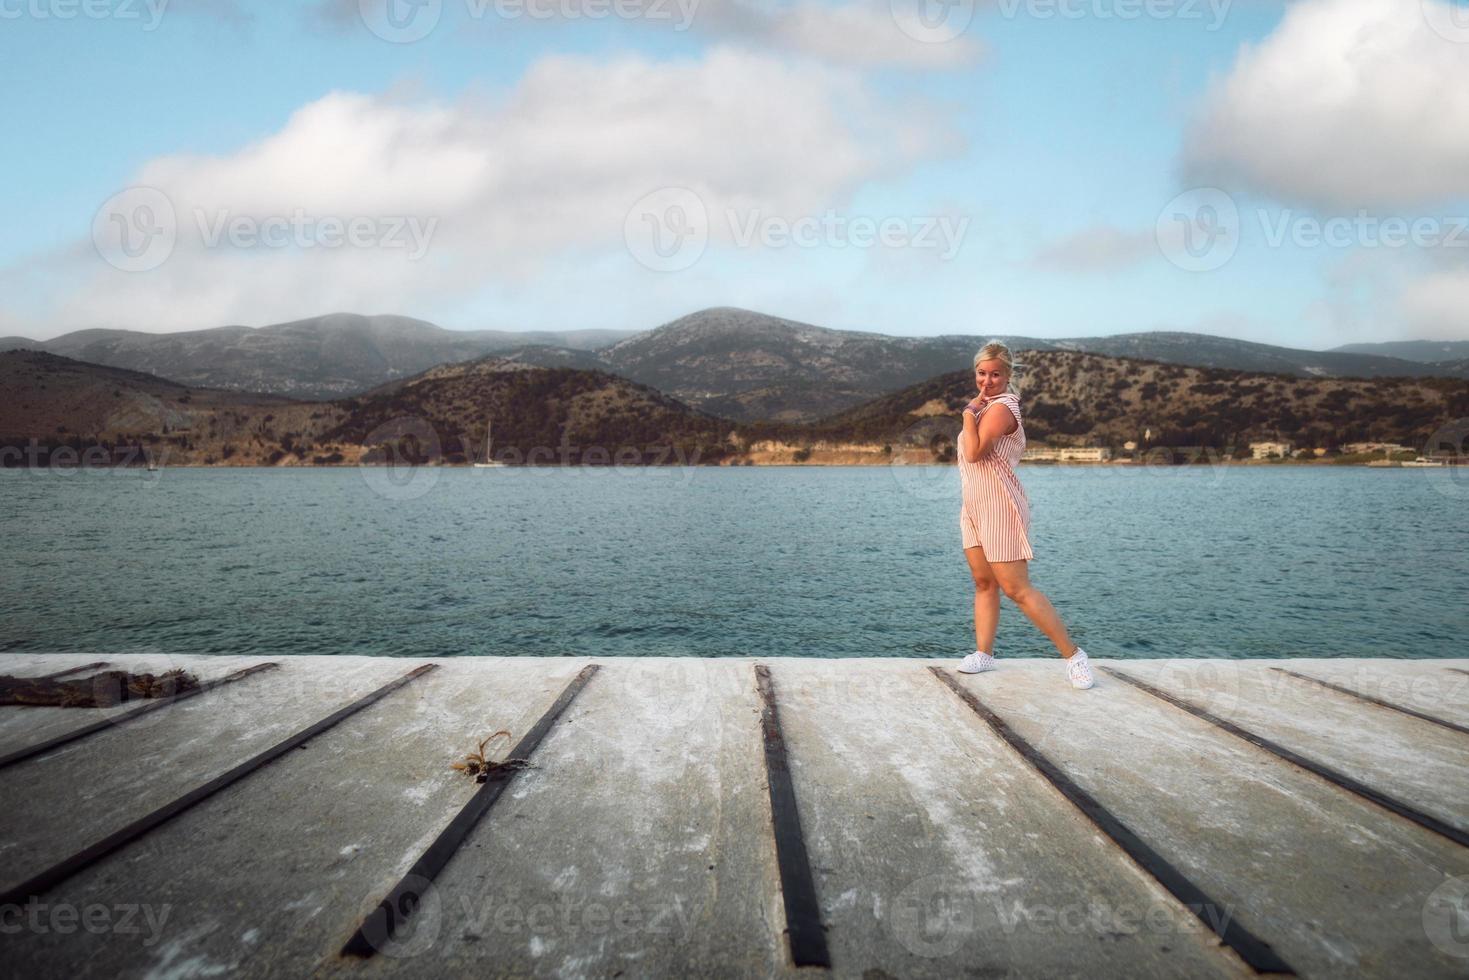 blonde Frau im weißen Kleid mit roten Streifen, die bei Sonnenuntergang auf dem Schiffsdock steht, lächelt und in die Kamera schaut. Tourismuskonzept. Argostoli, Kefalonia, Griechenland. foto